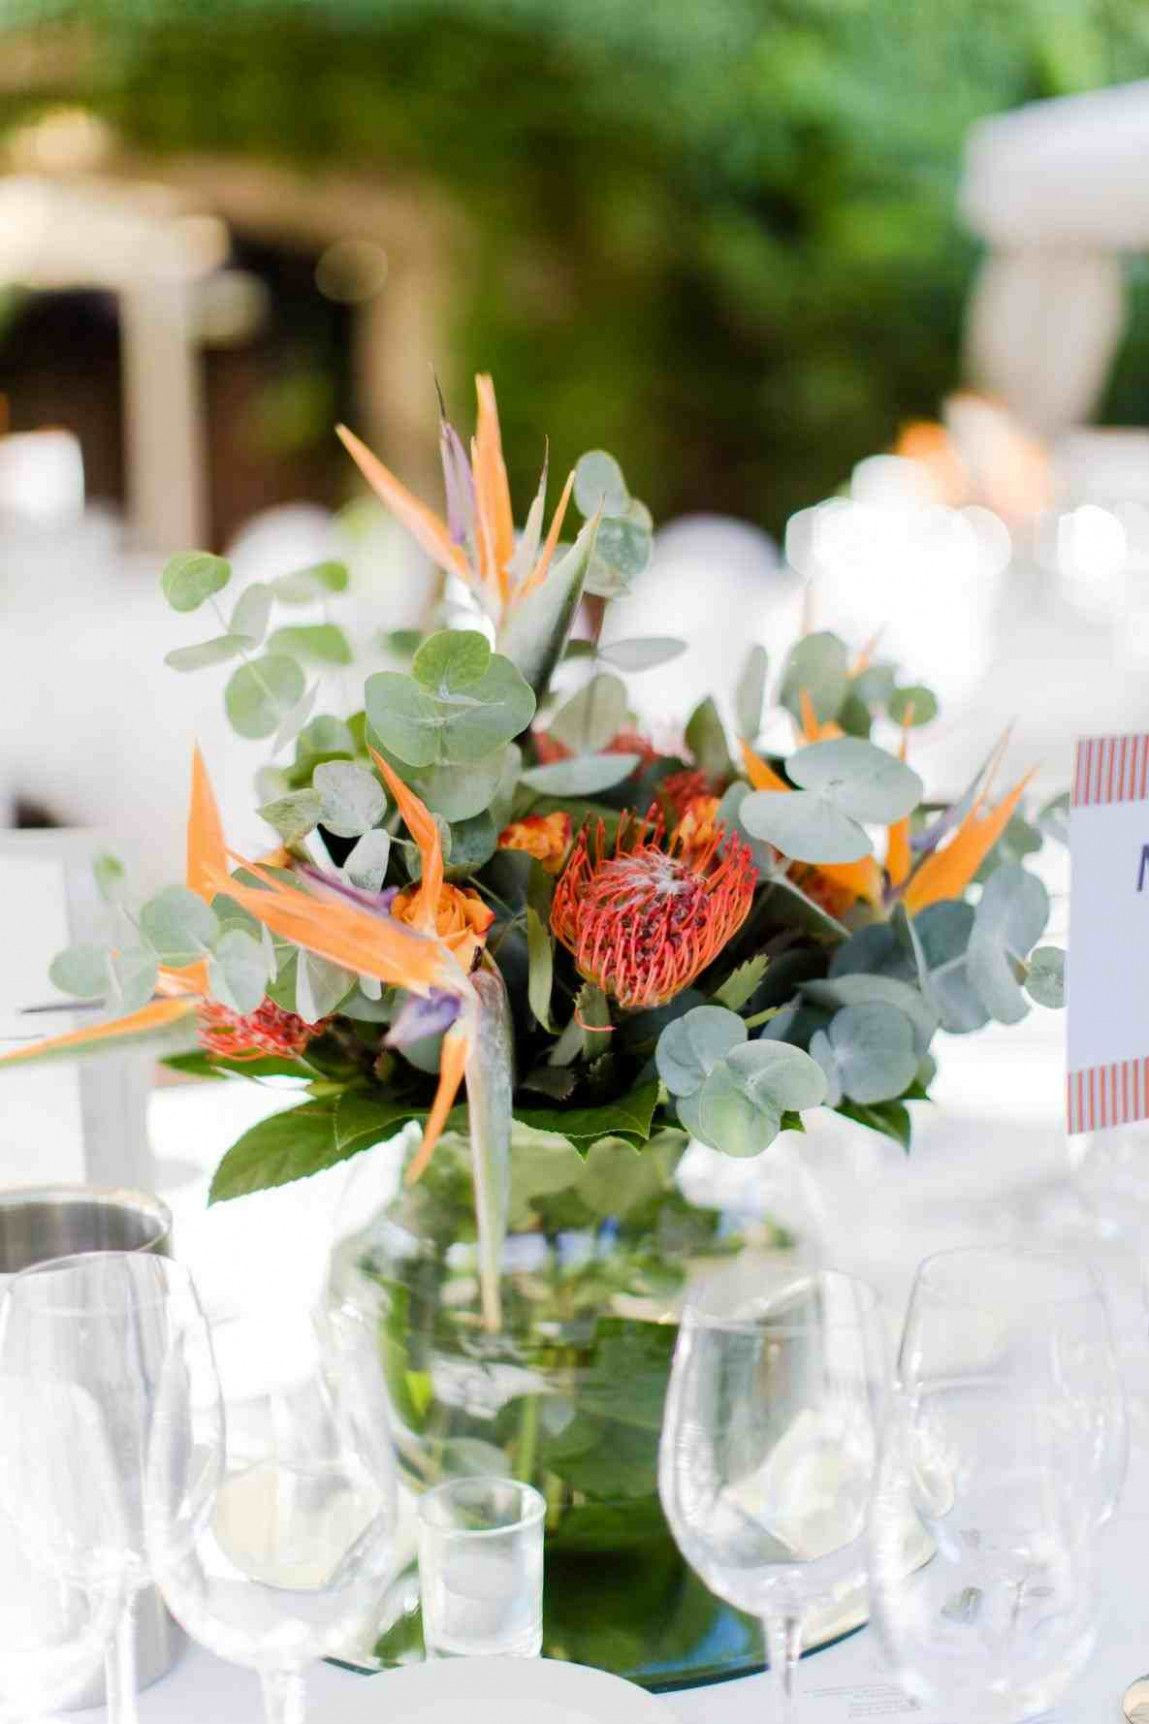 Summer Wedding Centerpieces Table Centrepieces Outdoor